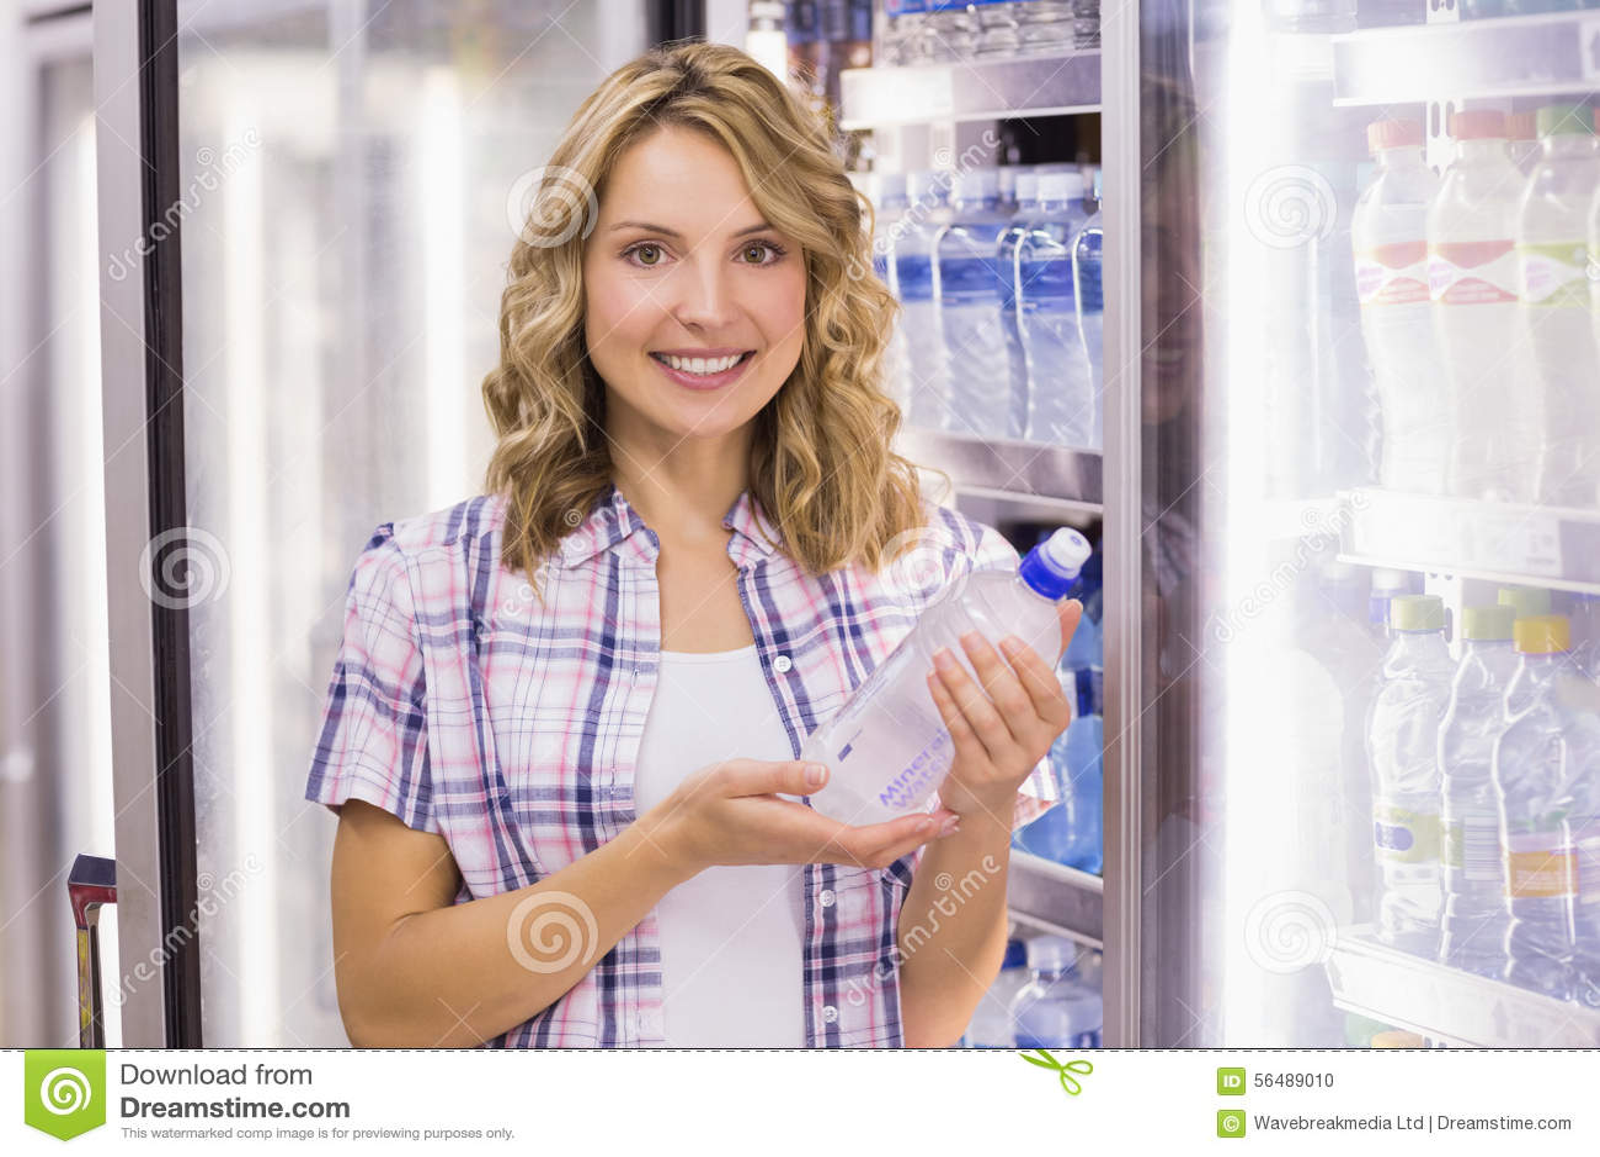 Portrait d un sourire femme assez blonde prenant une bouteille d eau